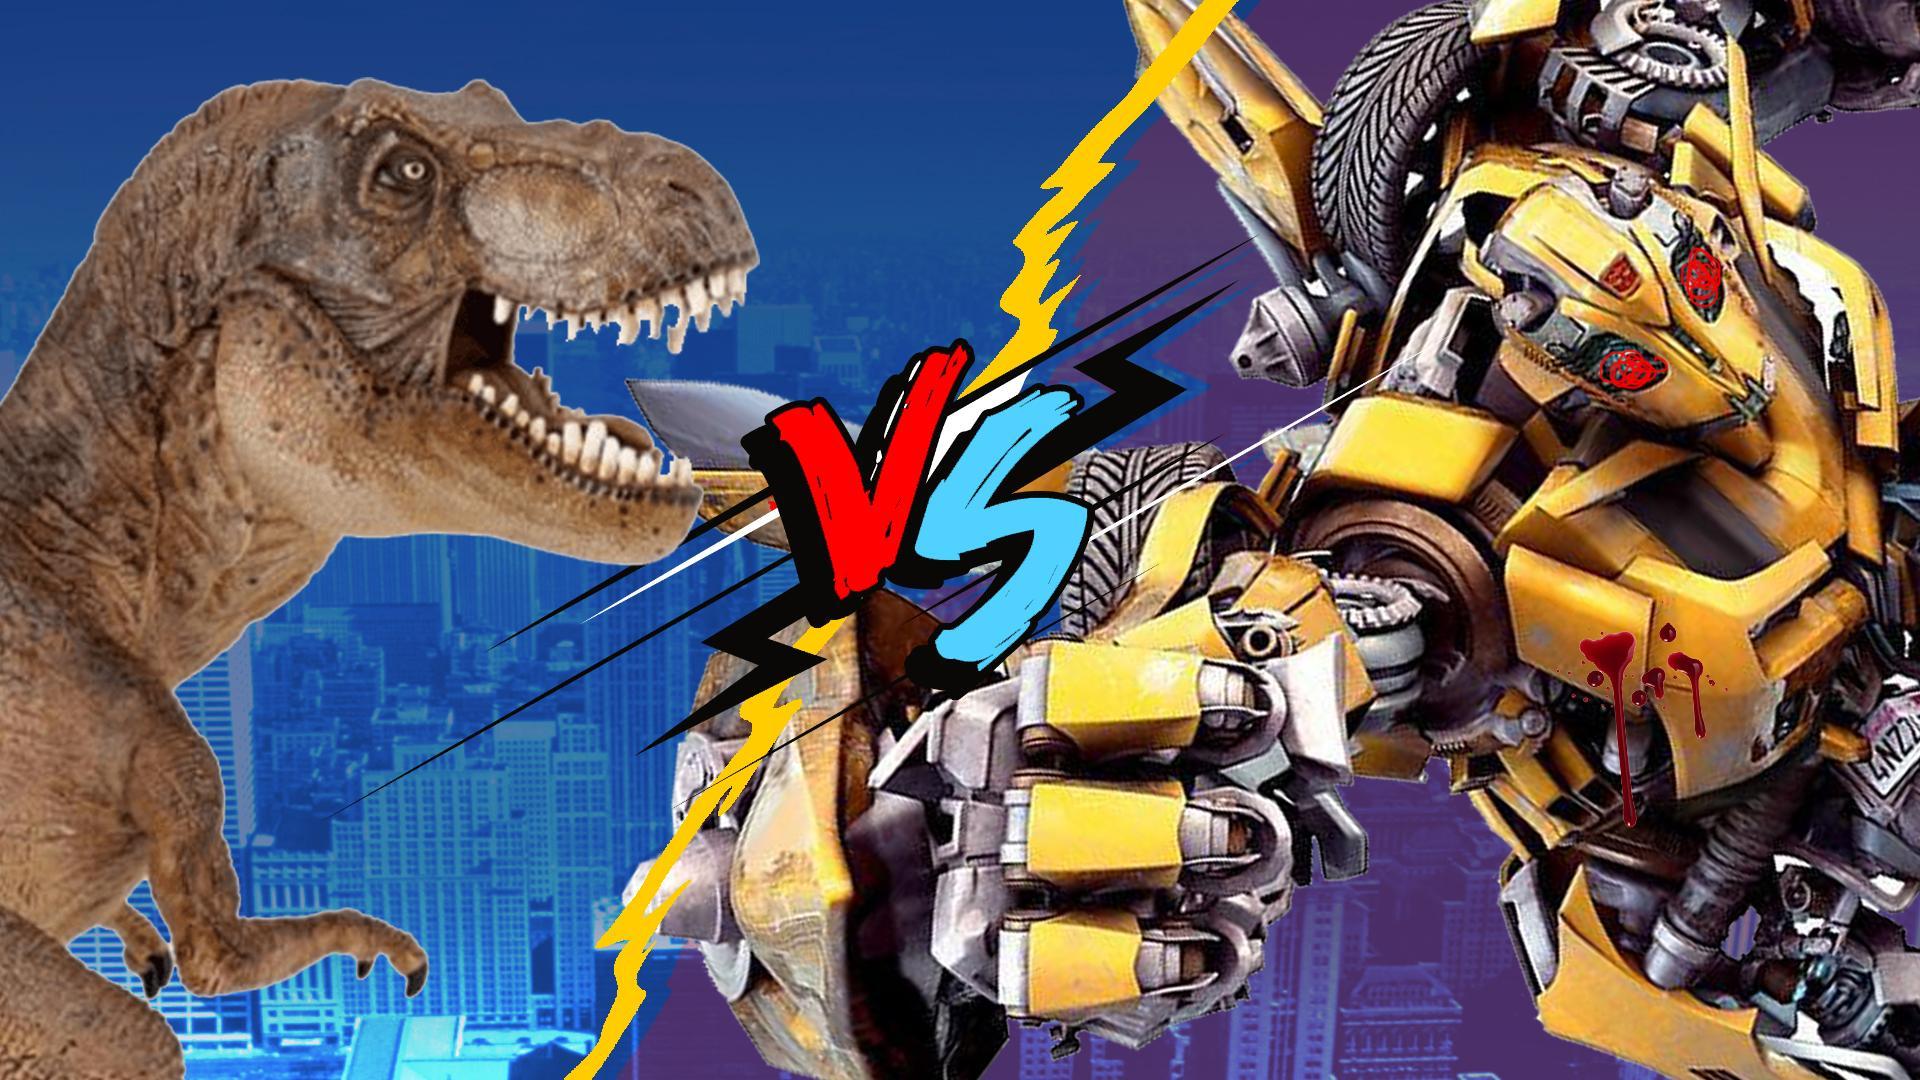 恐龙破坏王:变形金刚大黄蜂智斗光头强图片